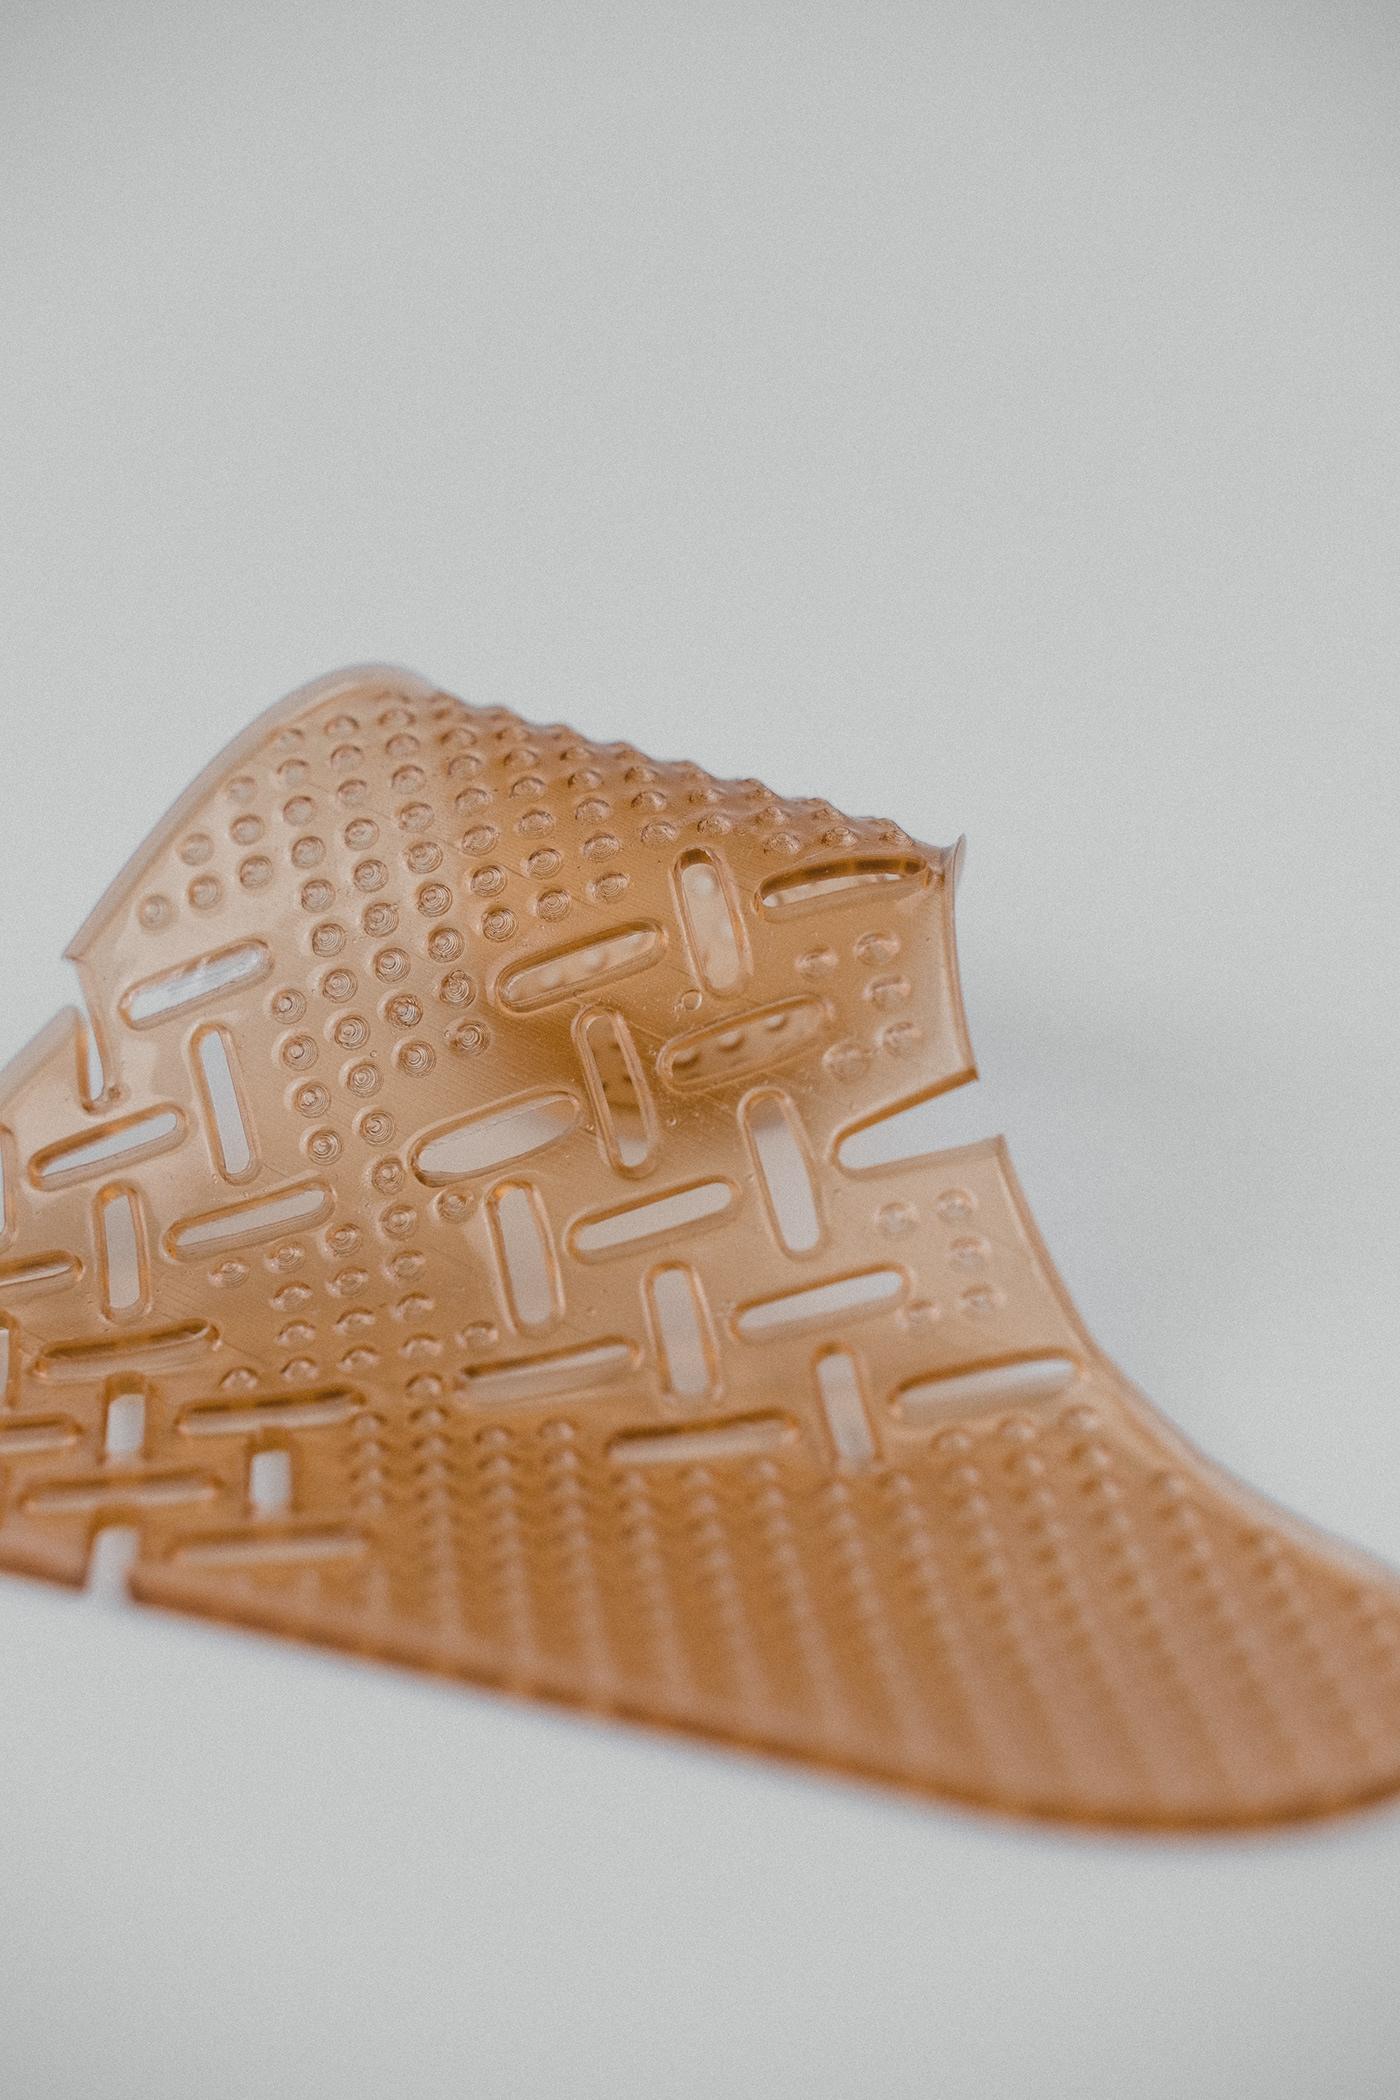 adidas elisava elisava degree show 2021 elisava hortizo tfg 2021 human identity PES product